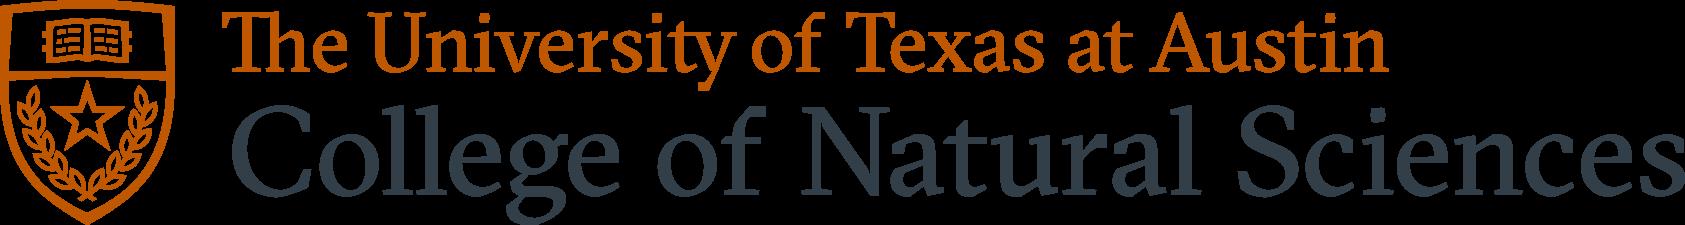 UT Austin College of Natural Sciences